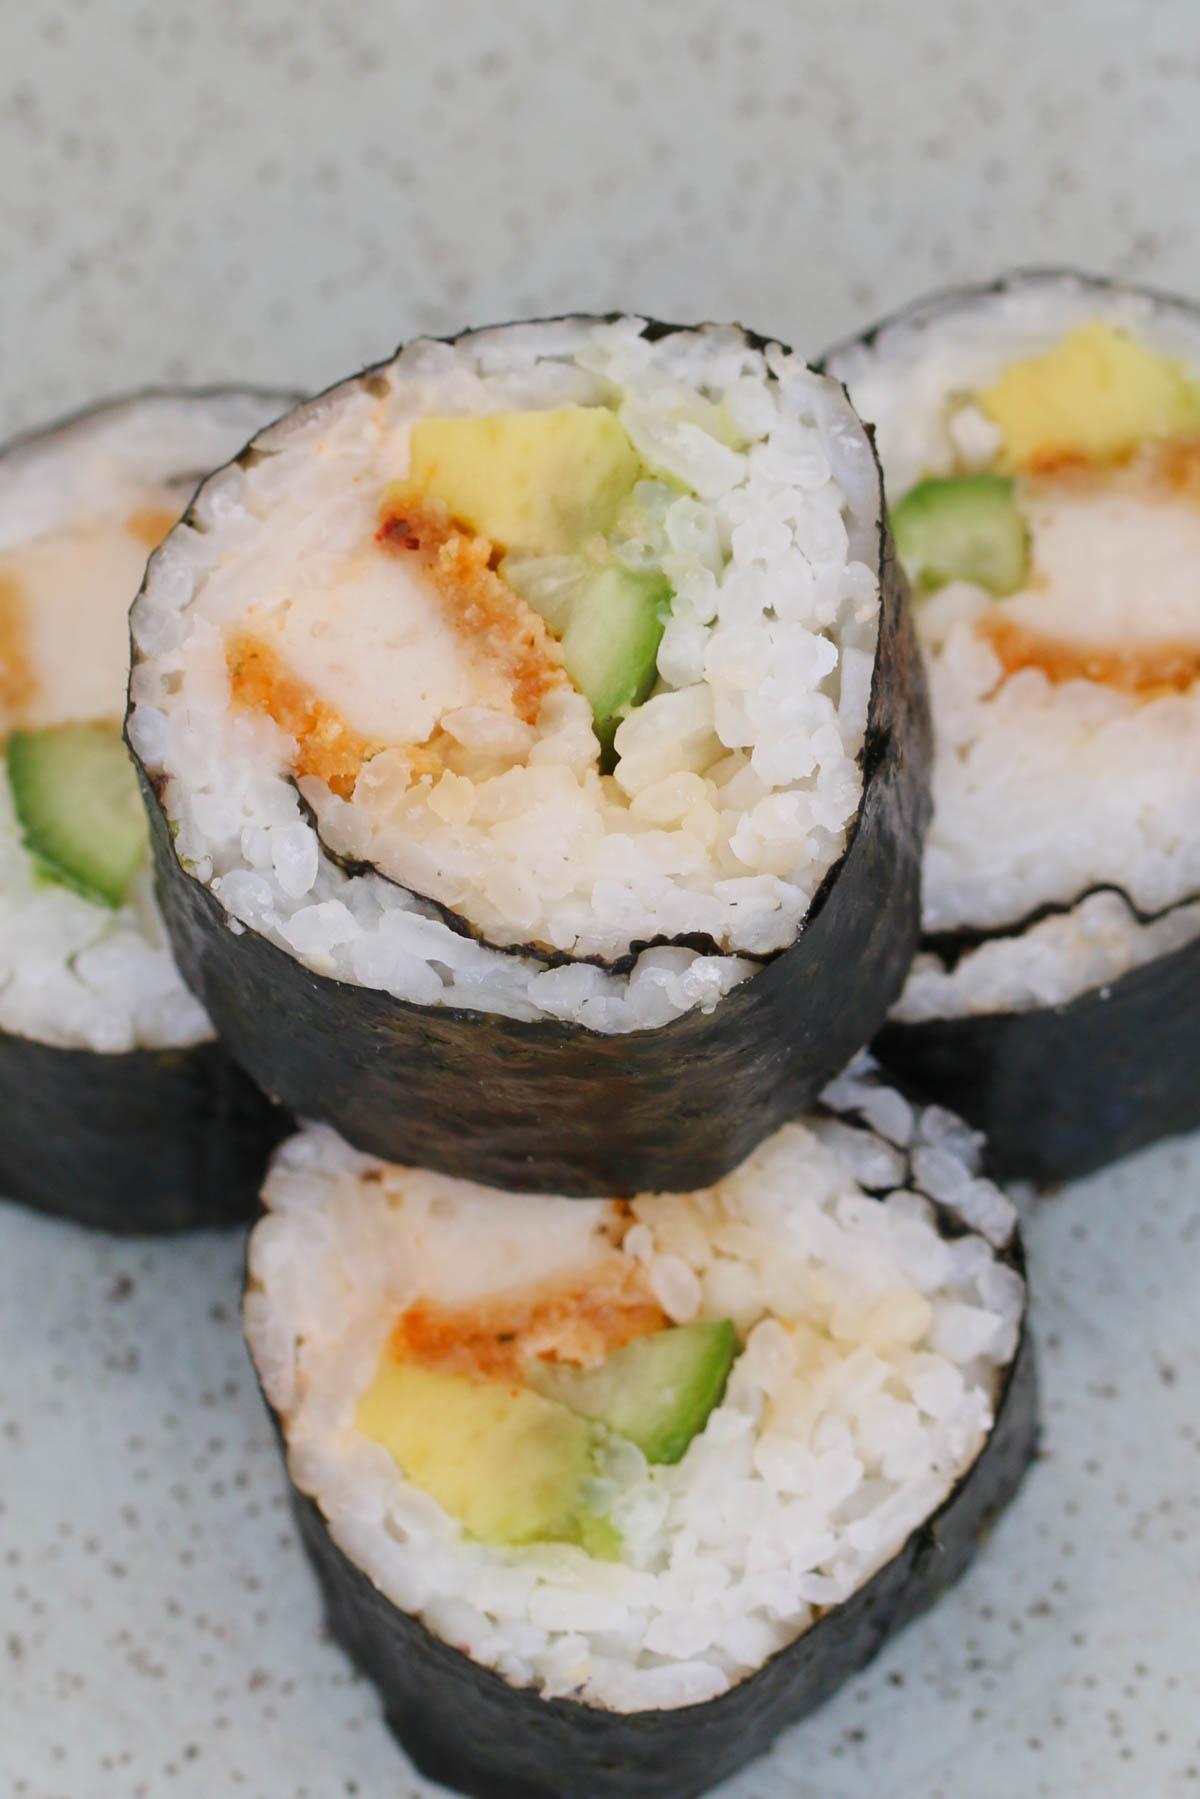 Una pila de sushi con pollo y aguacate en un plato.